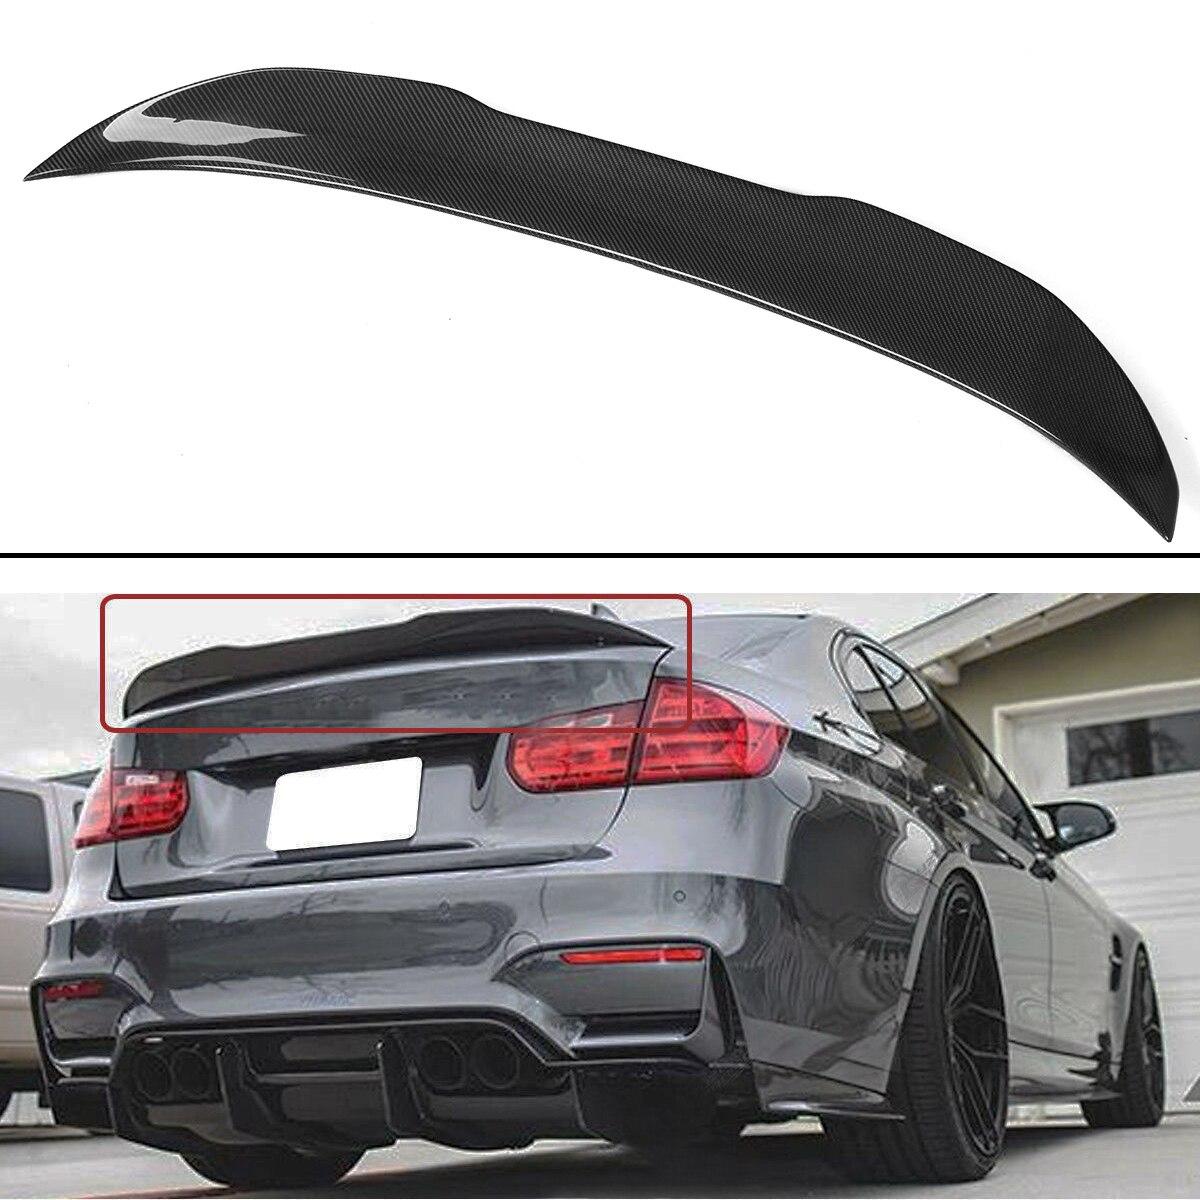 Alerón de fibra de carbono Real HighKick estilo PSM F30 alerón trasero del coche alerón para maletero alerón ala labio para BMW F30 330i 335i 2013-2018